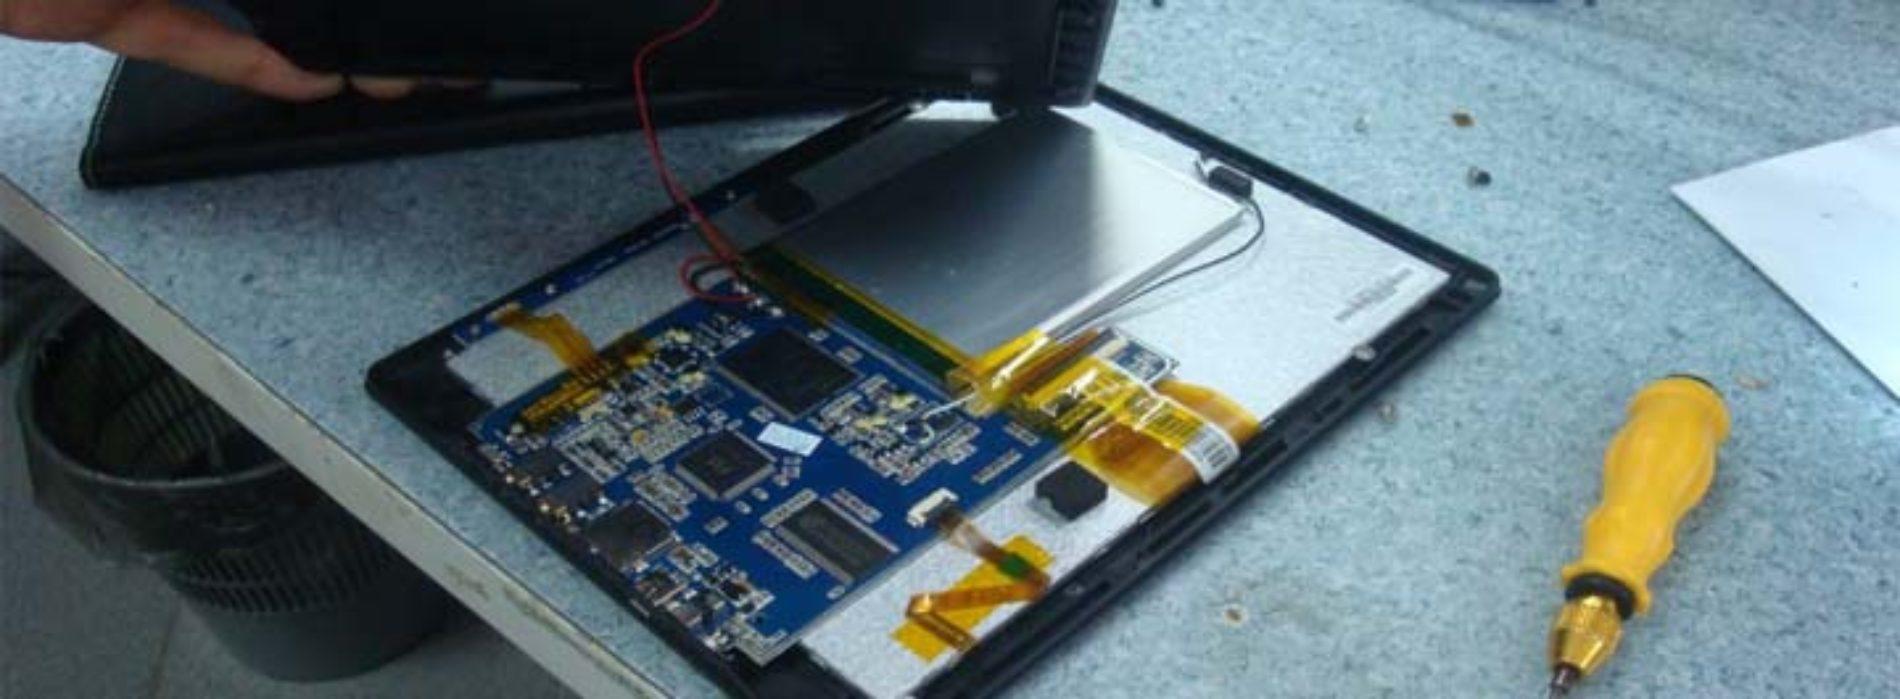 Замена батареи в электронной книге